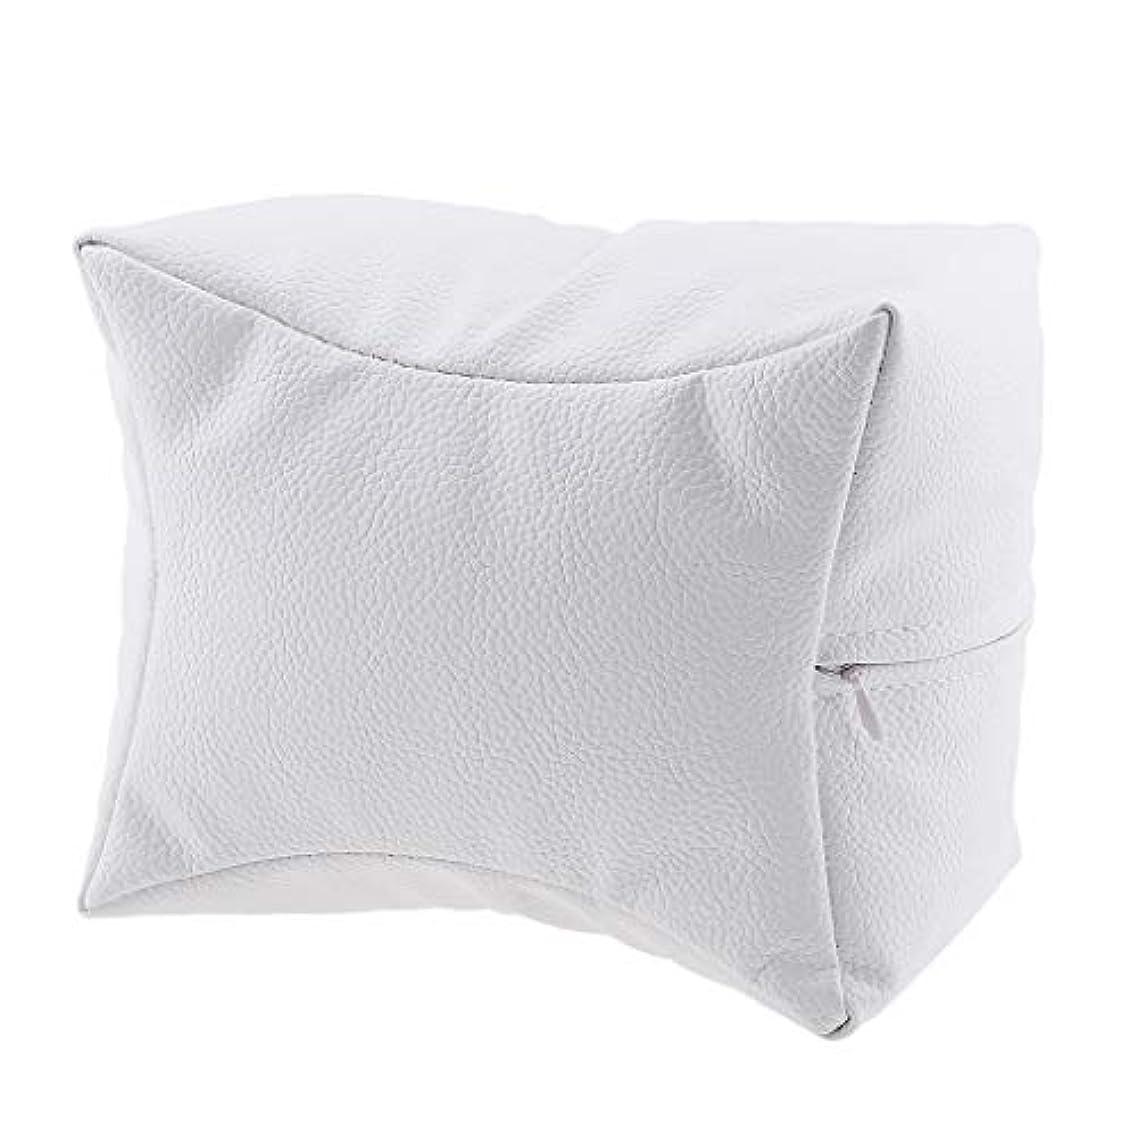 ネクタイ修士号セントネイルハンドピロー プロ ネイルサロン 手枕 レストピロー ネイルケア 4色選べ - 白